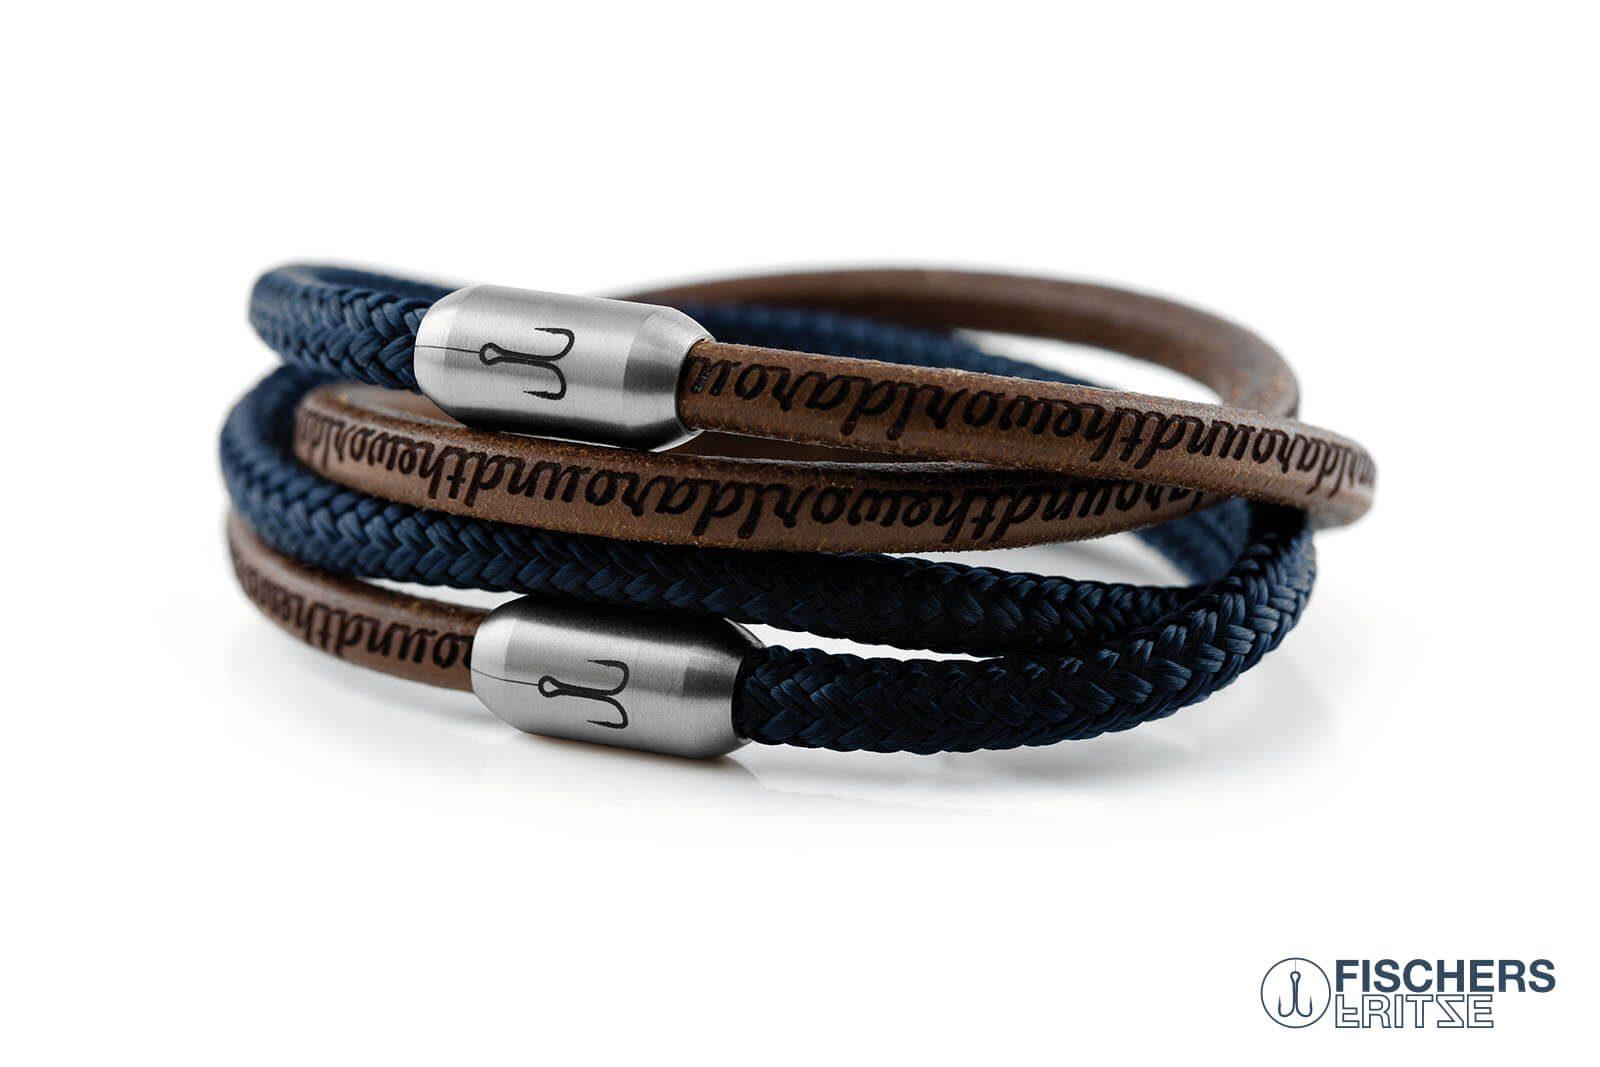 Armband Fischers Fritze Garnele Kombination Segeltau marineblau Edelstahl around the world Leder braun natur